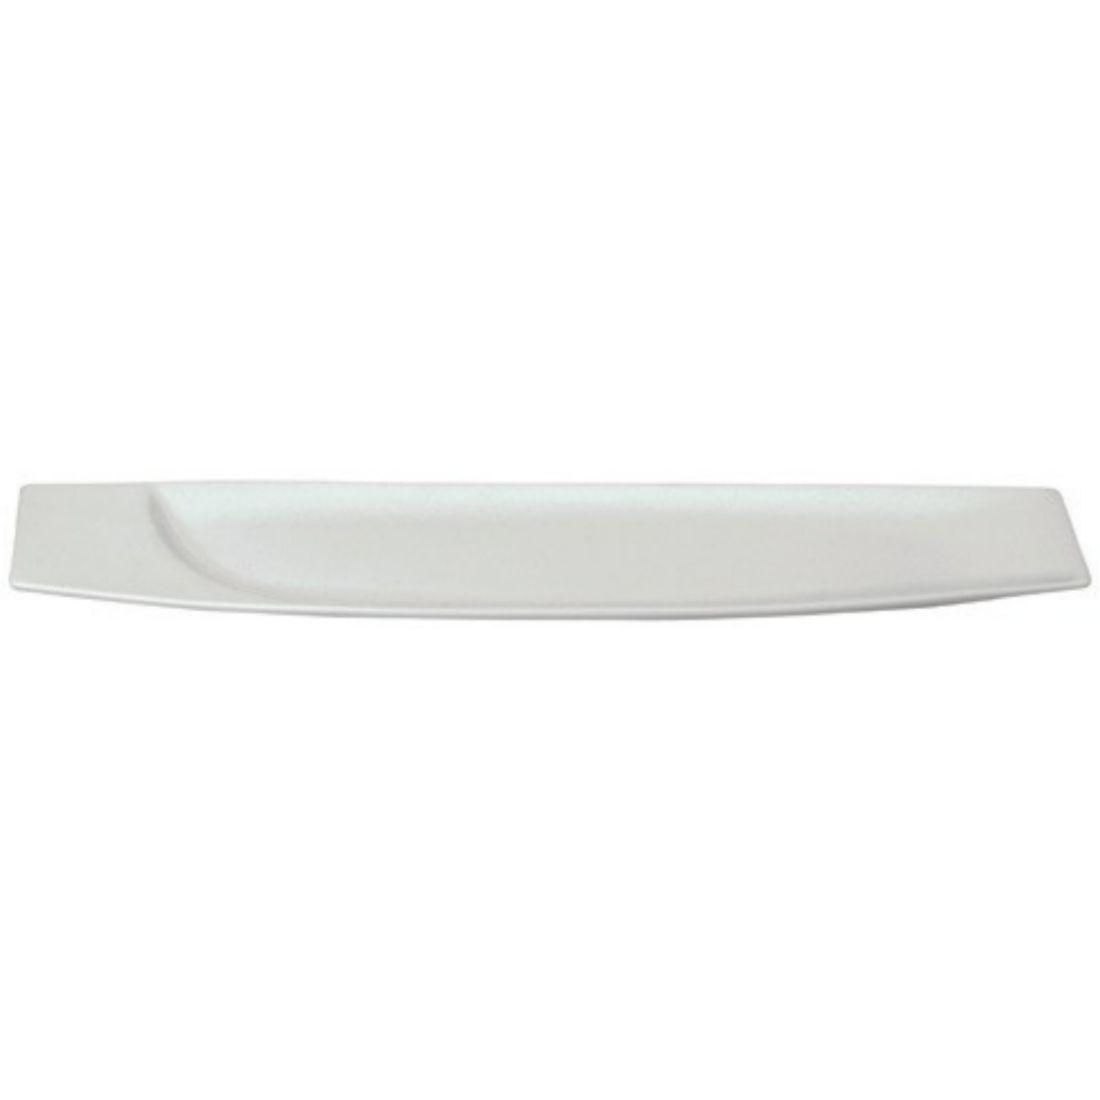 Mazza talíř obdélný 26 x 10 cm